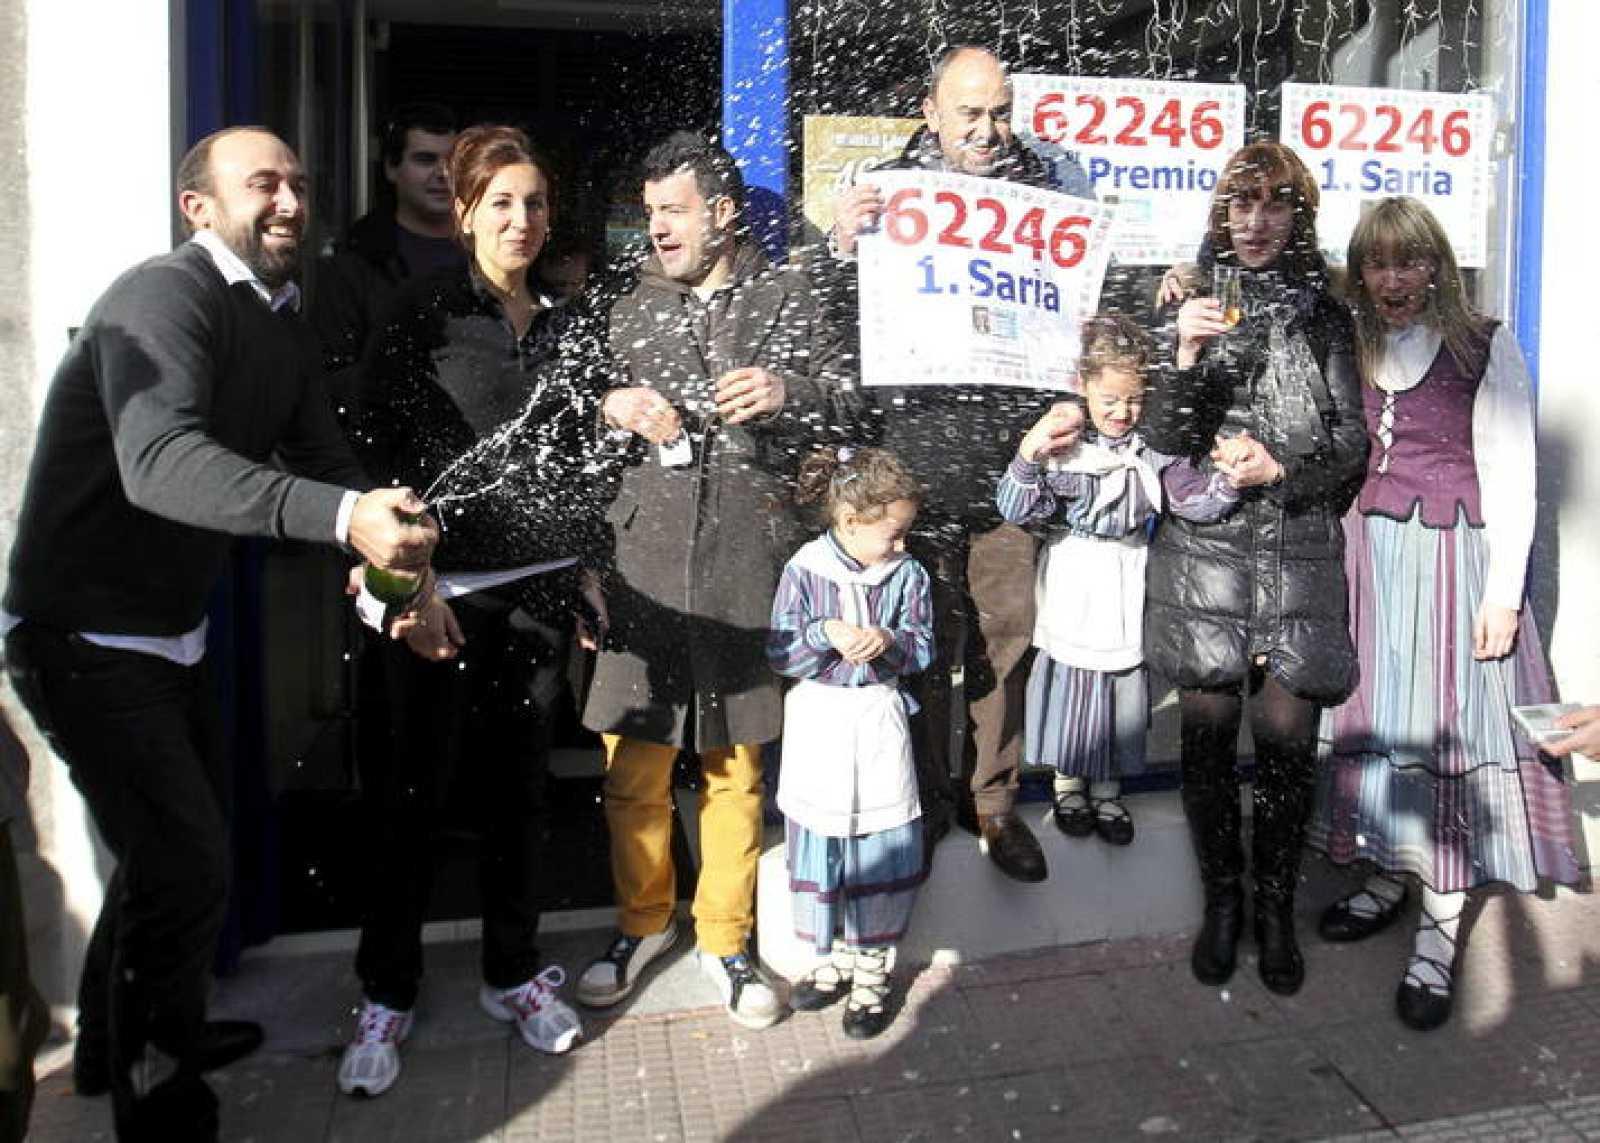 Los responsables de la administración número 2 de Arrasate-Mondragón, que ha vendido 45 series del Gordo de Navidad.